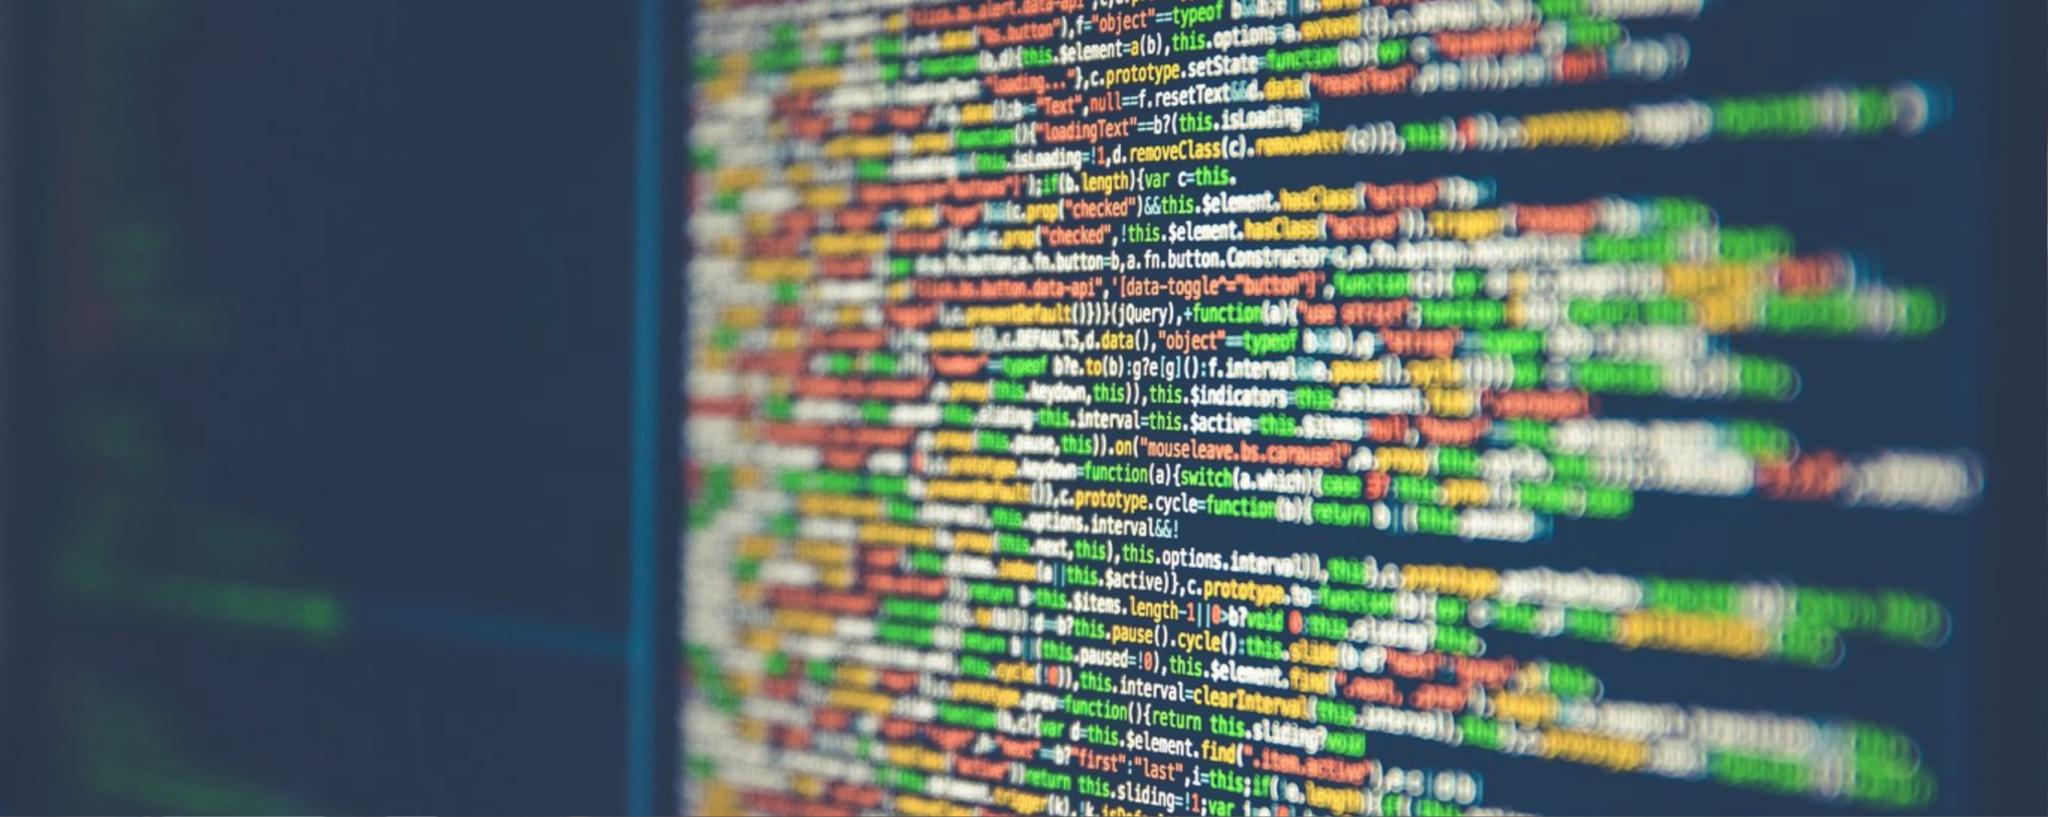 Technologická závislost a kybernetická bezpečnost